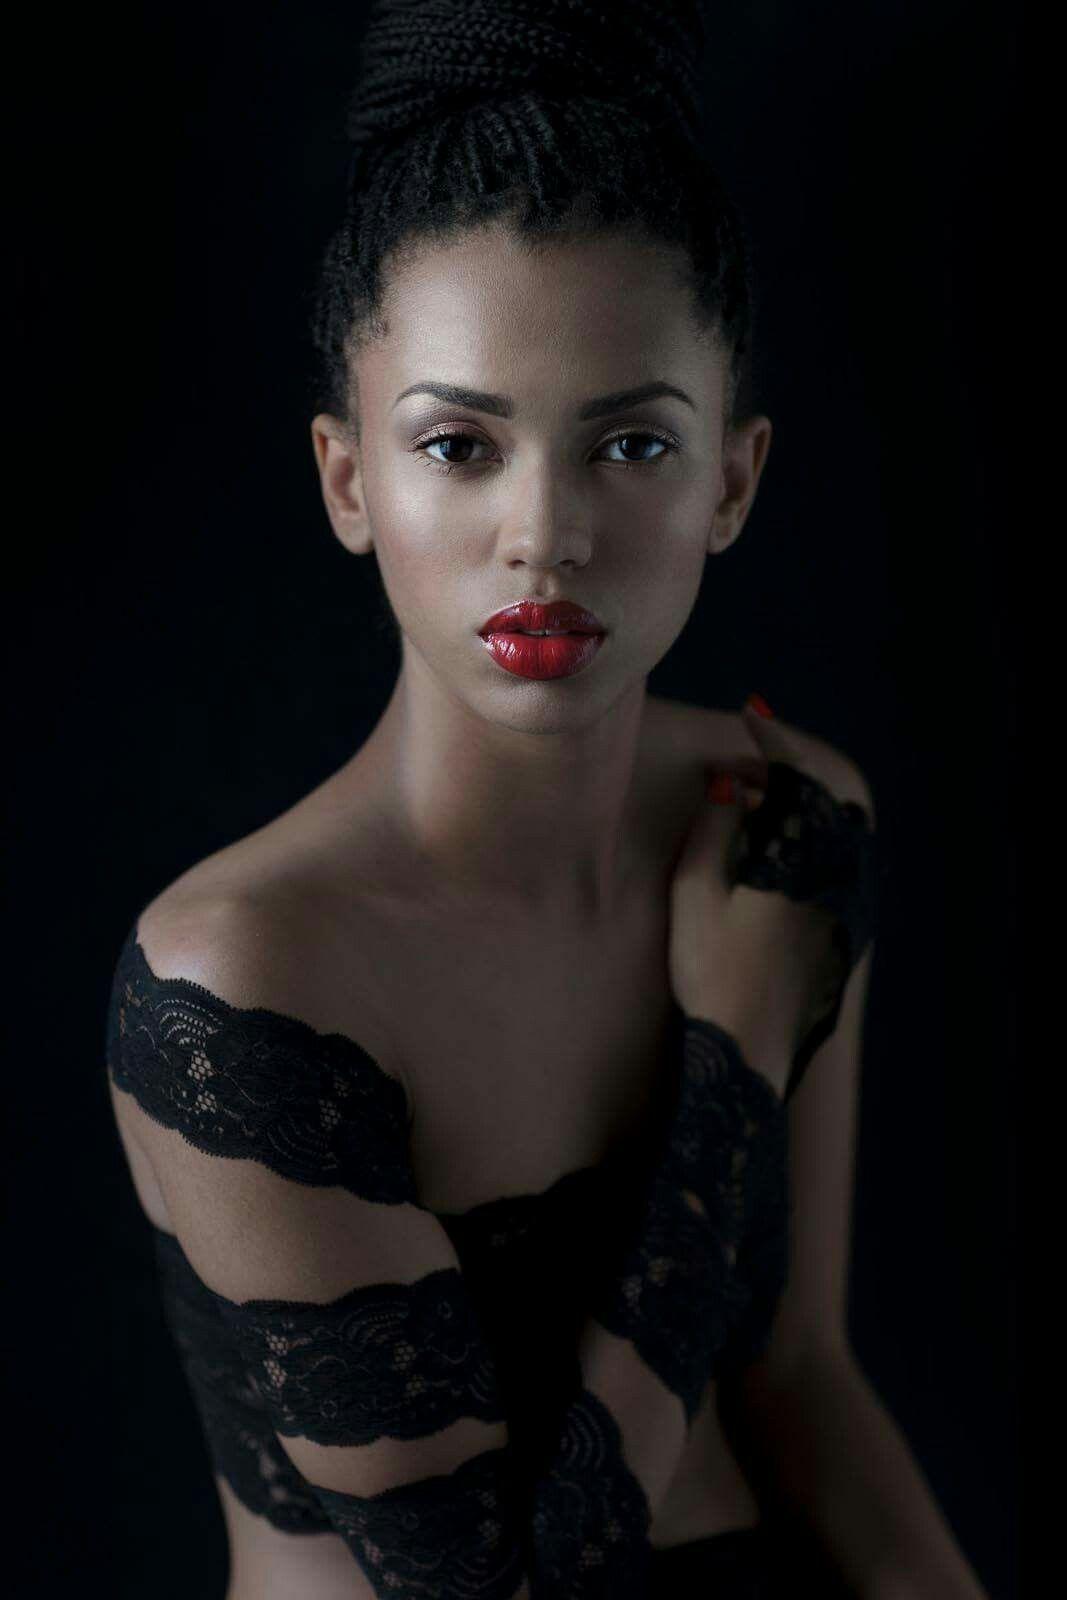 Makeup by me #redlips #makeup #makeupartist